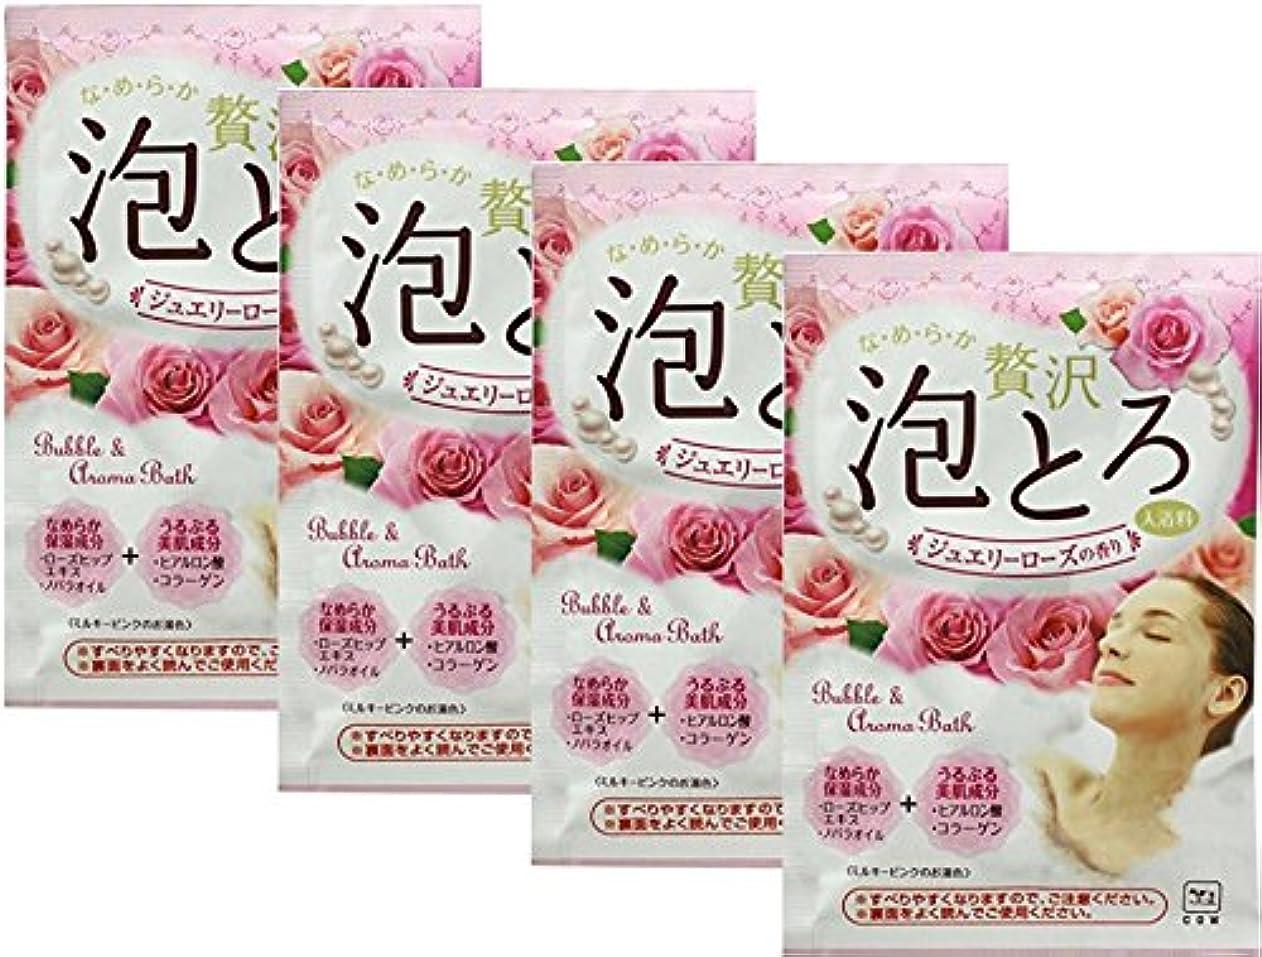 ペダル水曜日かなりの牛乳石鹸共進社 贅沢泡とろ 入浴料 ジュエリーローズの香り 30g 【4点セット】